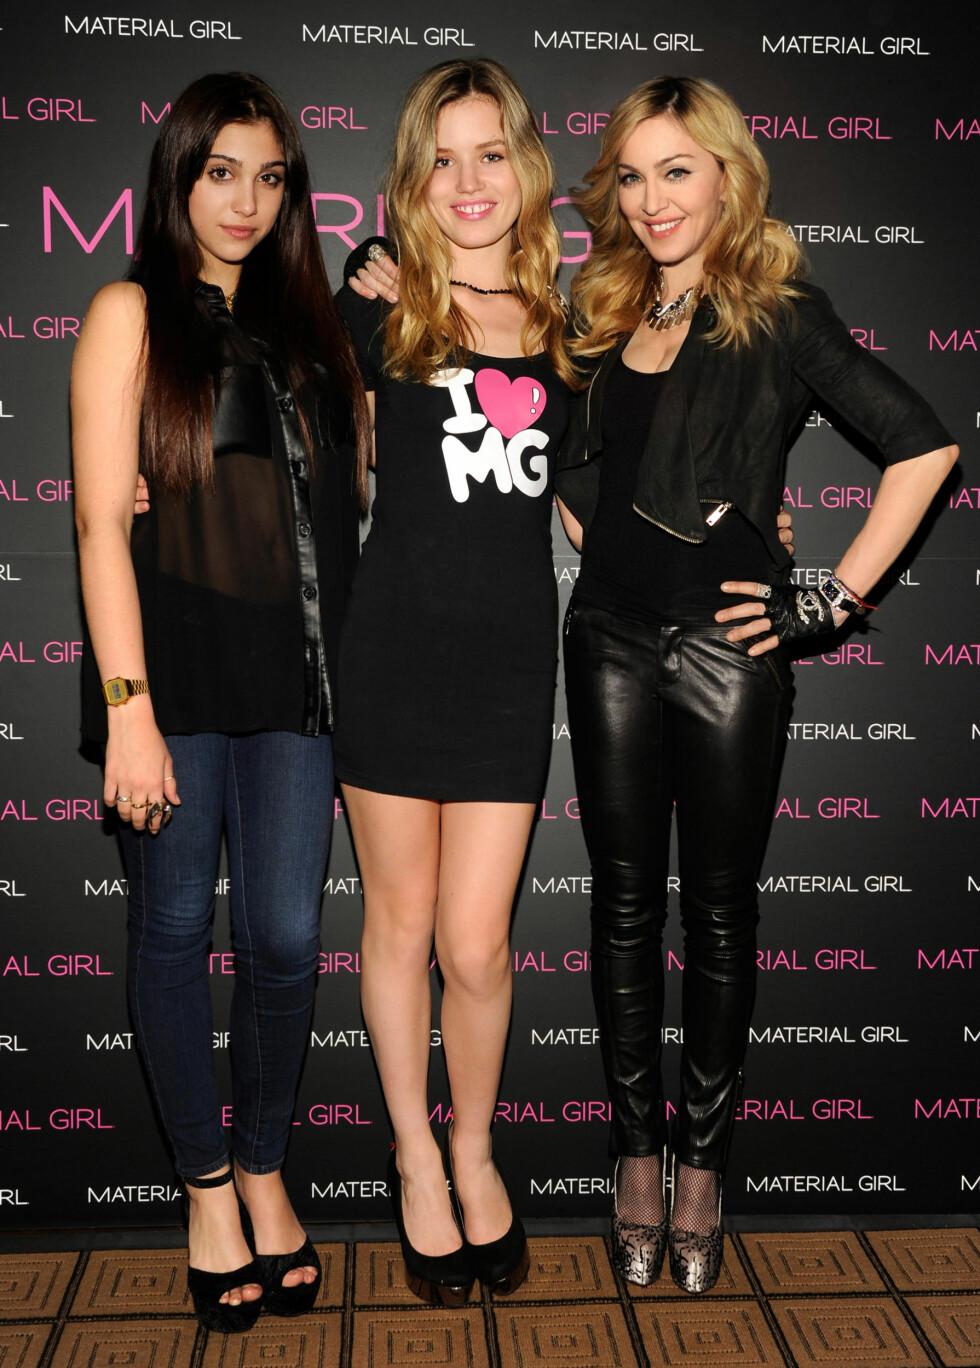 SJEKK SKOENE TIL MADONNA:Madonna med datteren Lola og Georgia May Jagger. Madonna her i sko fra Truth or Dare kolleksjonen. Foto: All Over Press